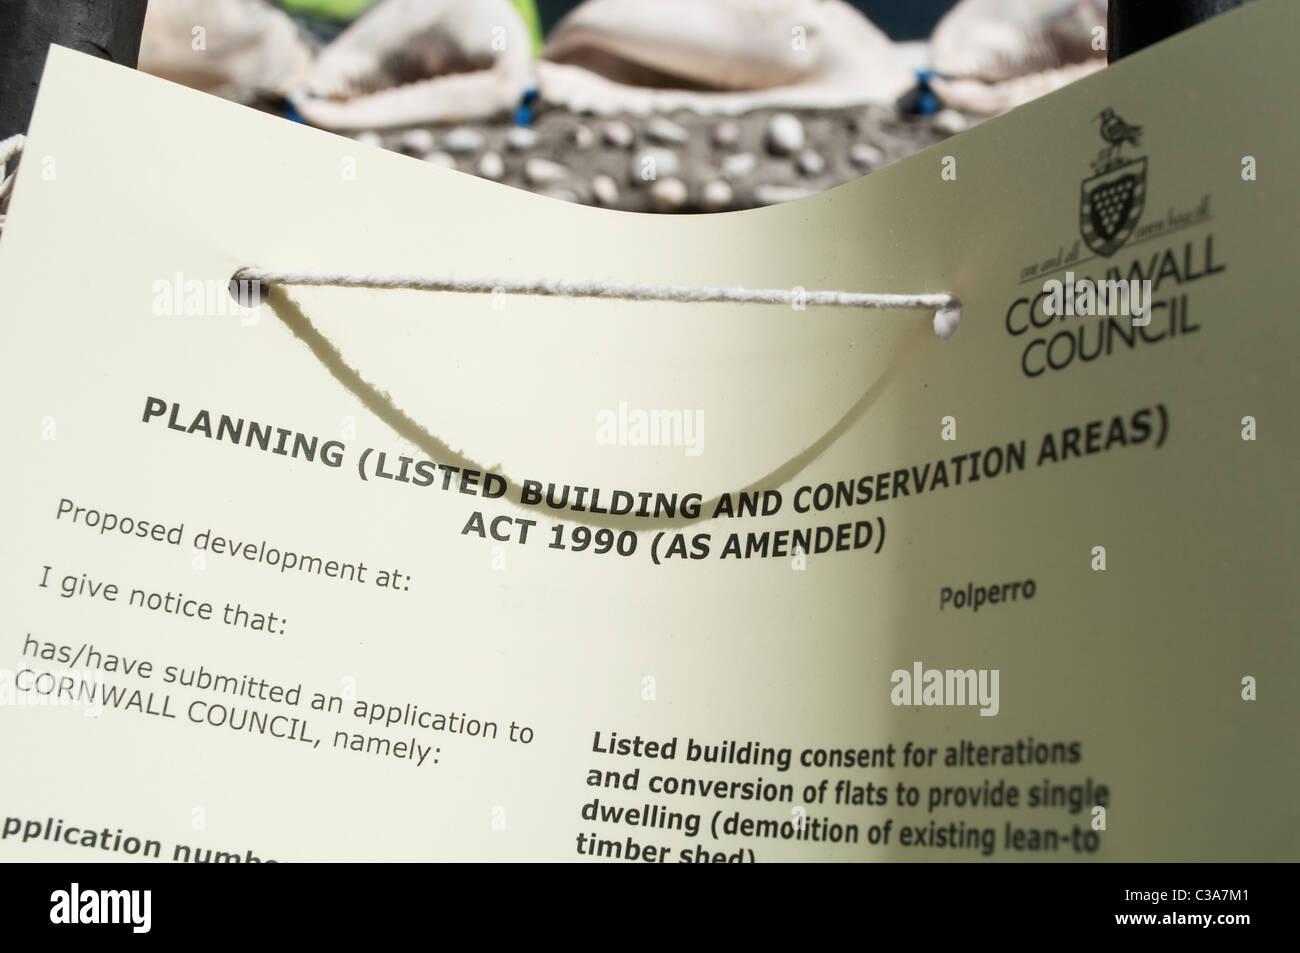 Ein Bauantrag für ein denkmalgeschütztes Gebäude in Polperro, Cornwall, uk Stockbild